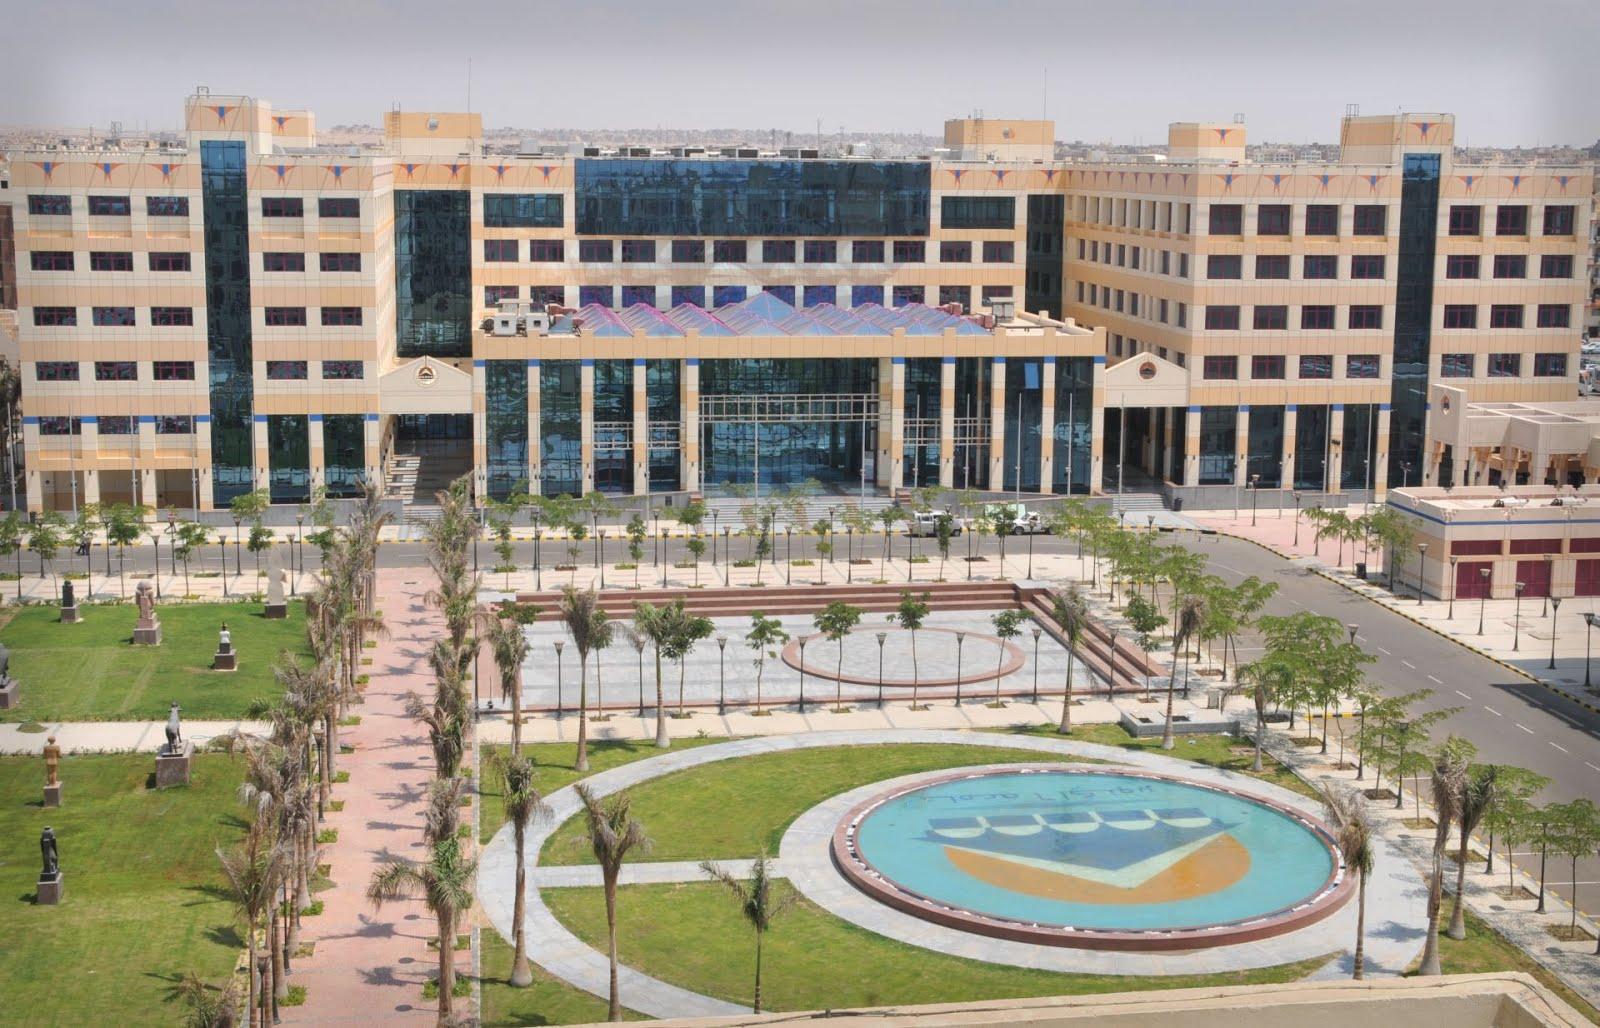 مصاريف جامعة 6 أكتوبر 2020-2021 وطريقة التواصل وشروط التقديم